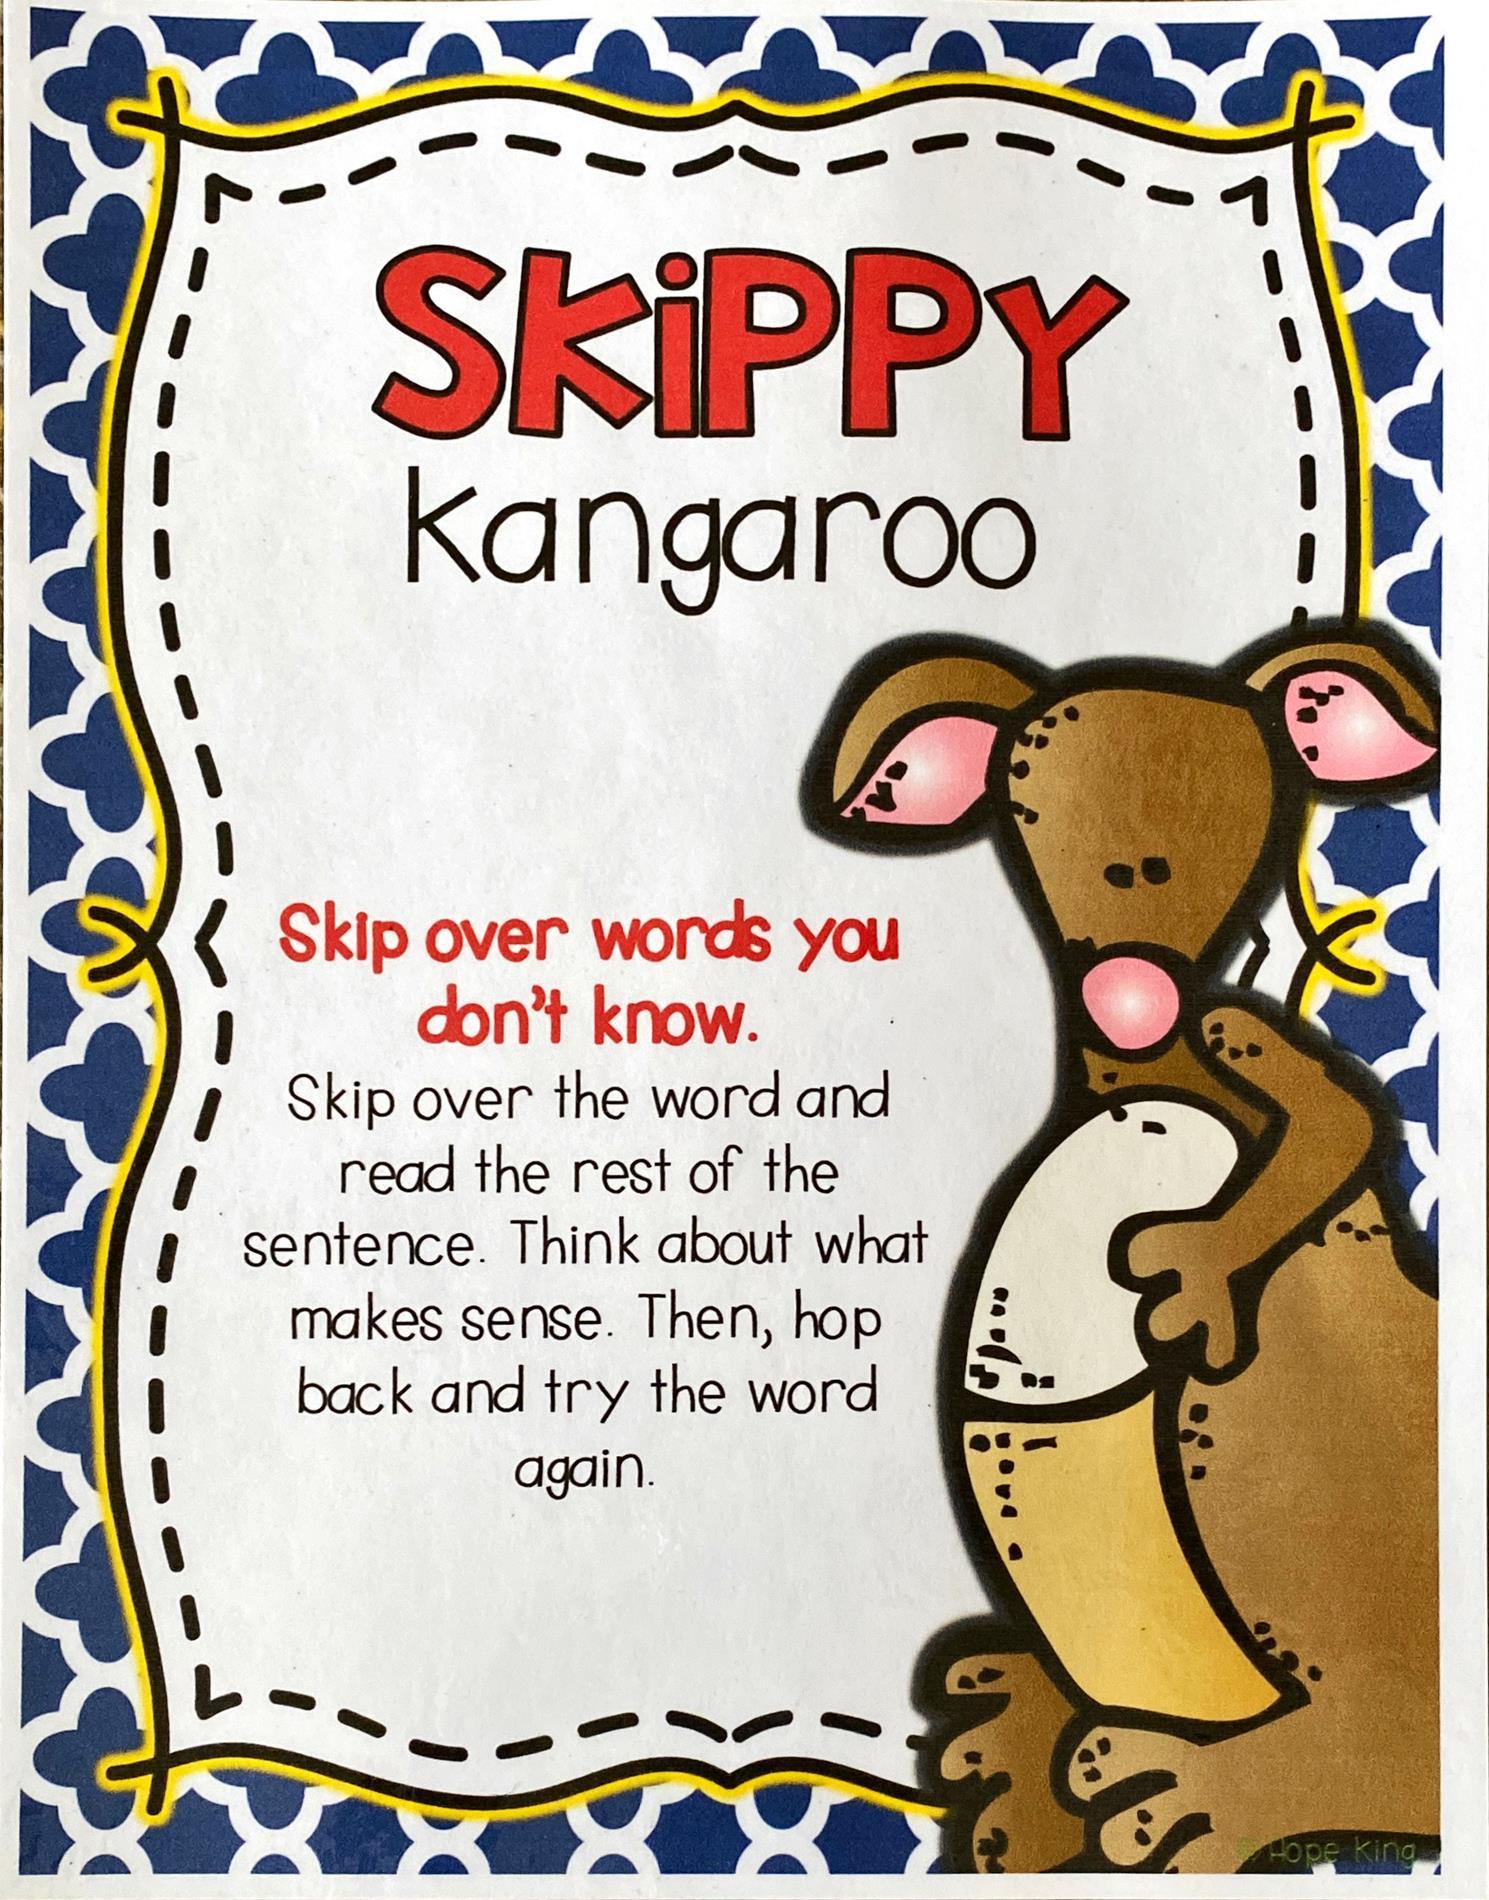 Skippy Kangaroo